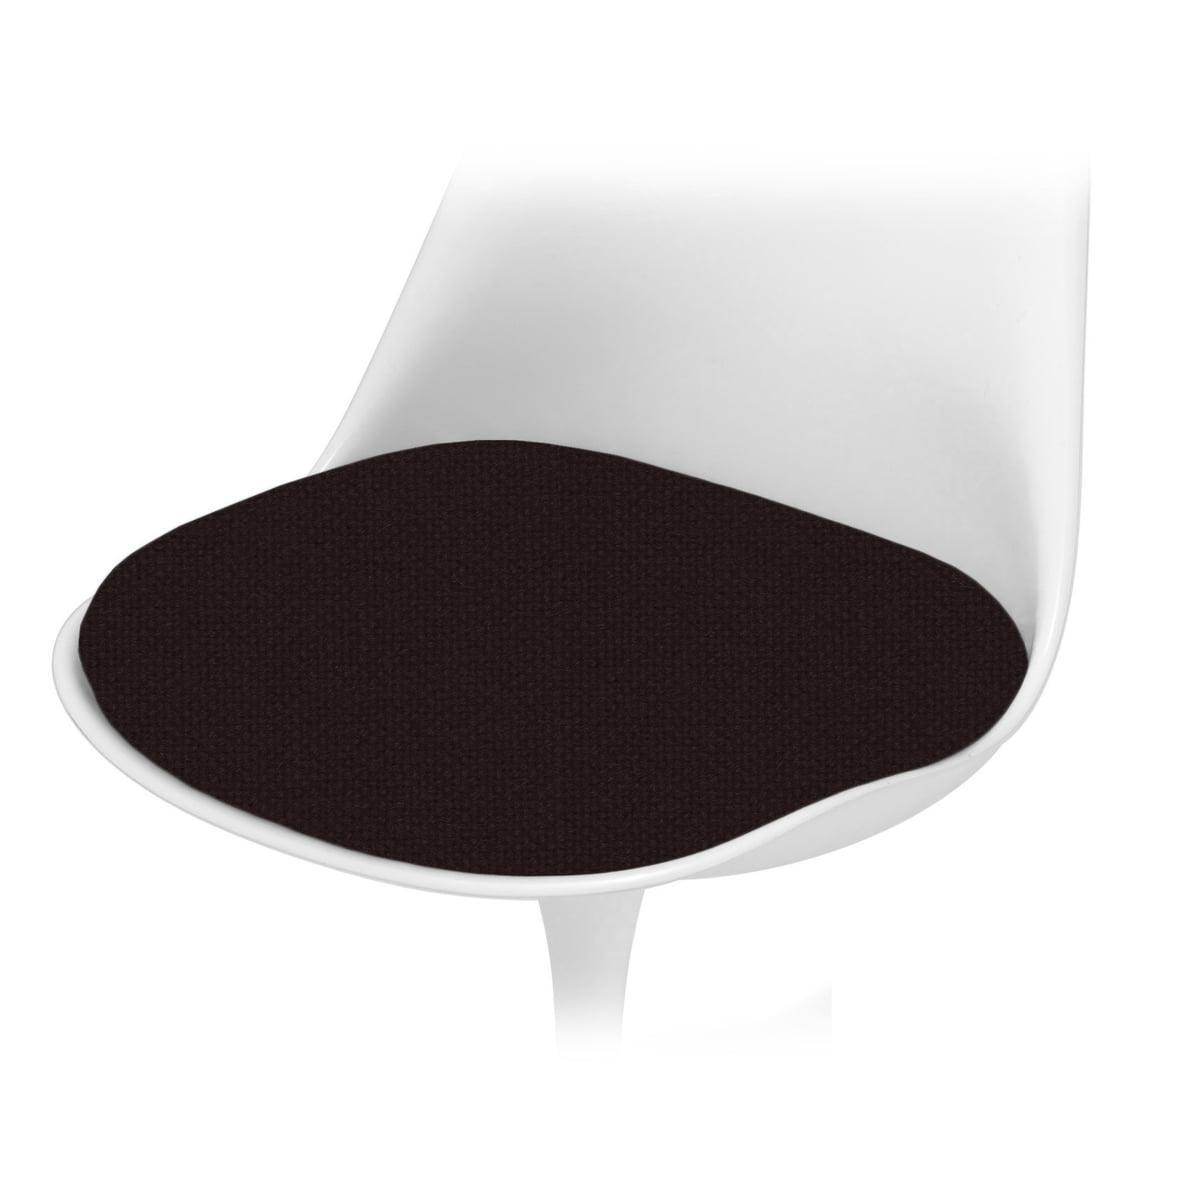 Black chair cushion - Knoll Seat Cushion For Saarinen Tulip Chair Tone Black